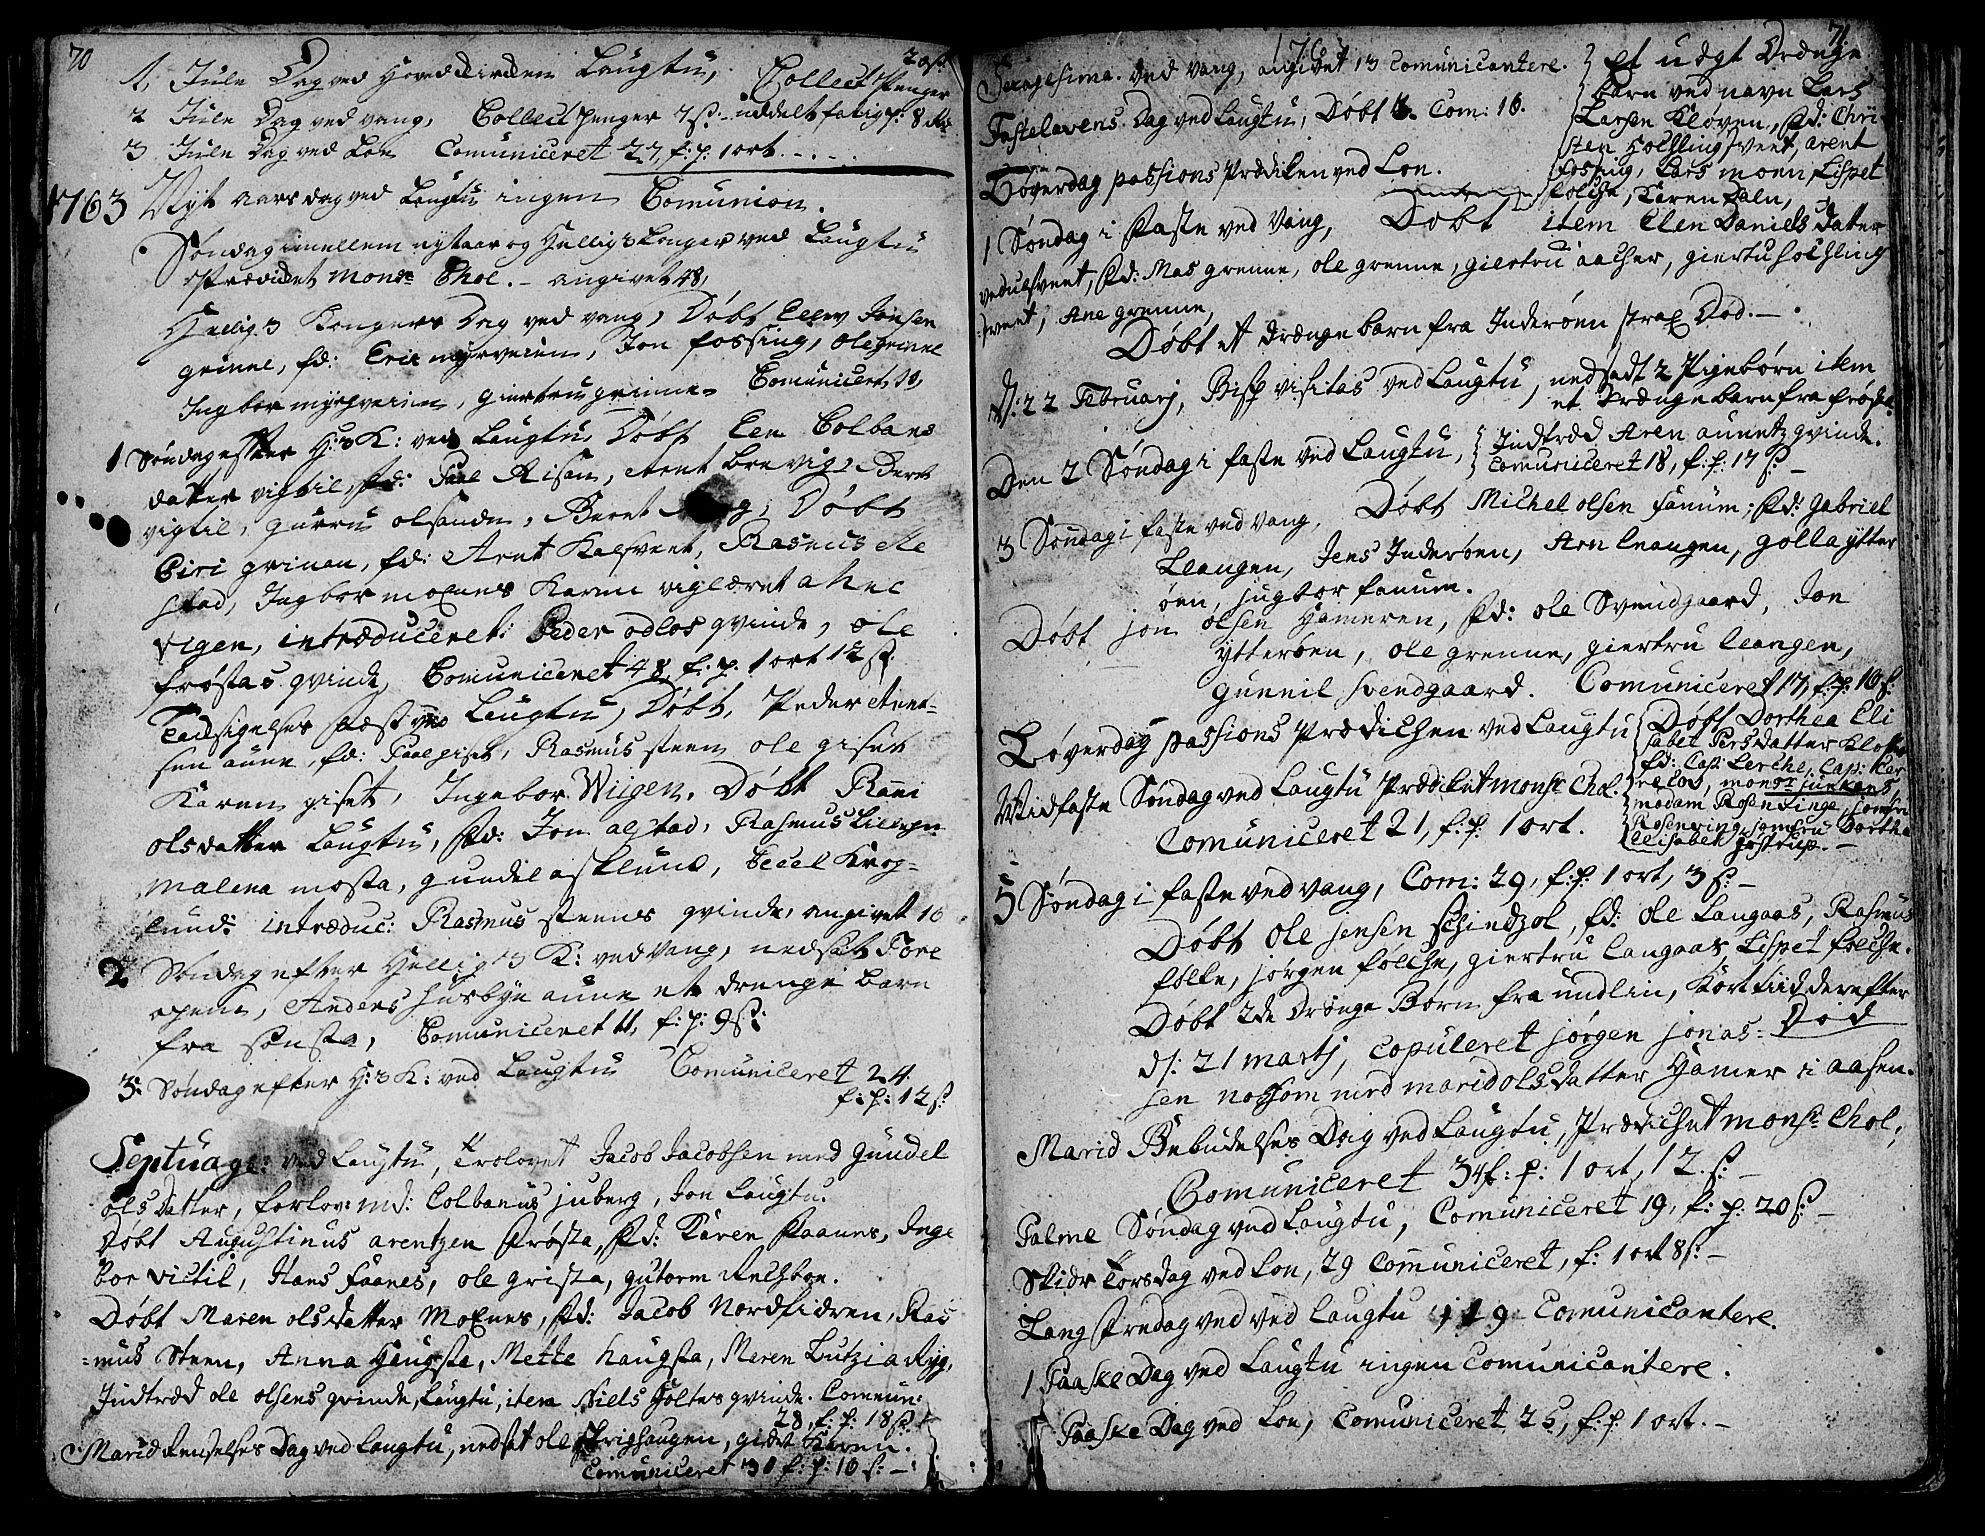 SAT, Ministerialprotokoller, klokkerbøker og fødselsregistre - Nord-Trøndelag, 713/L0109: Ministerialbok nr. 713A01, 1750-1778, s. 70-71